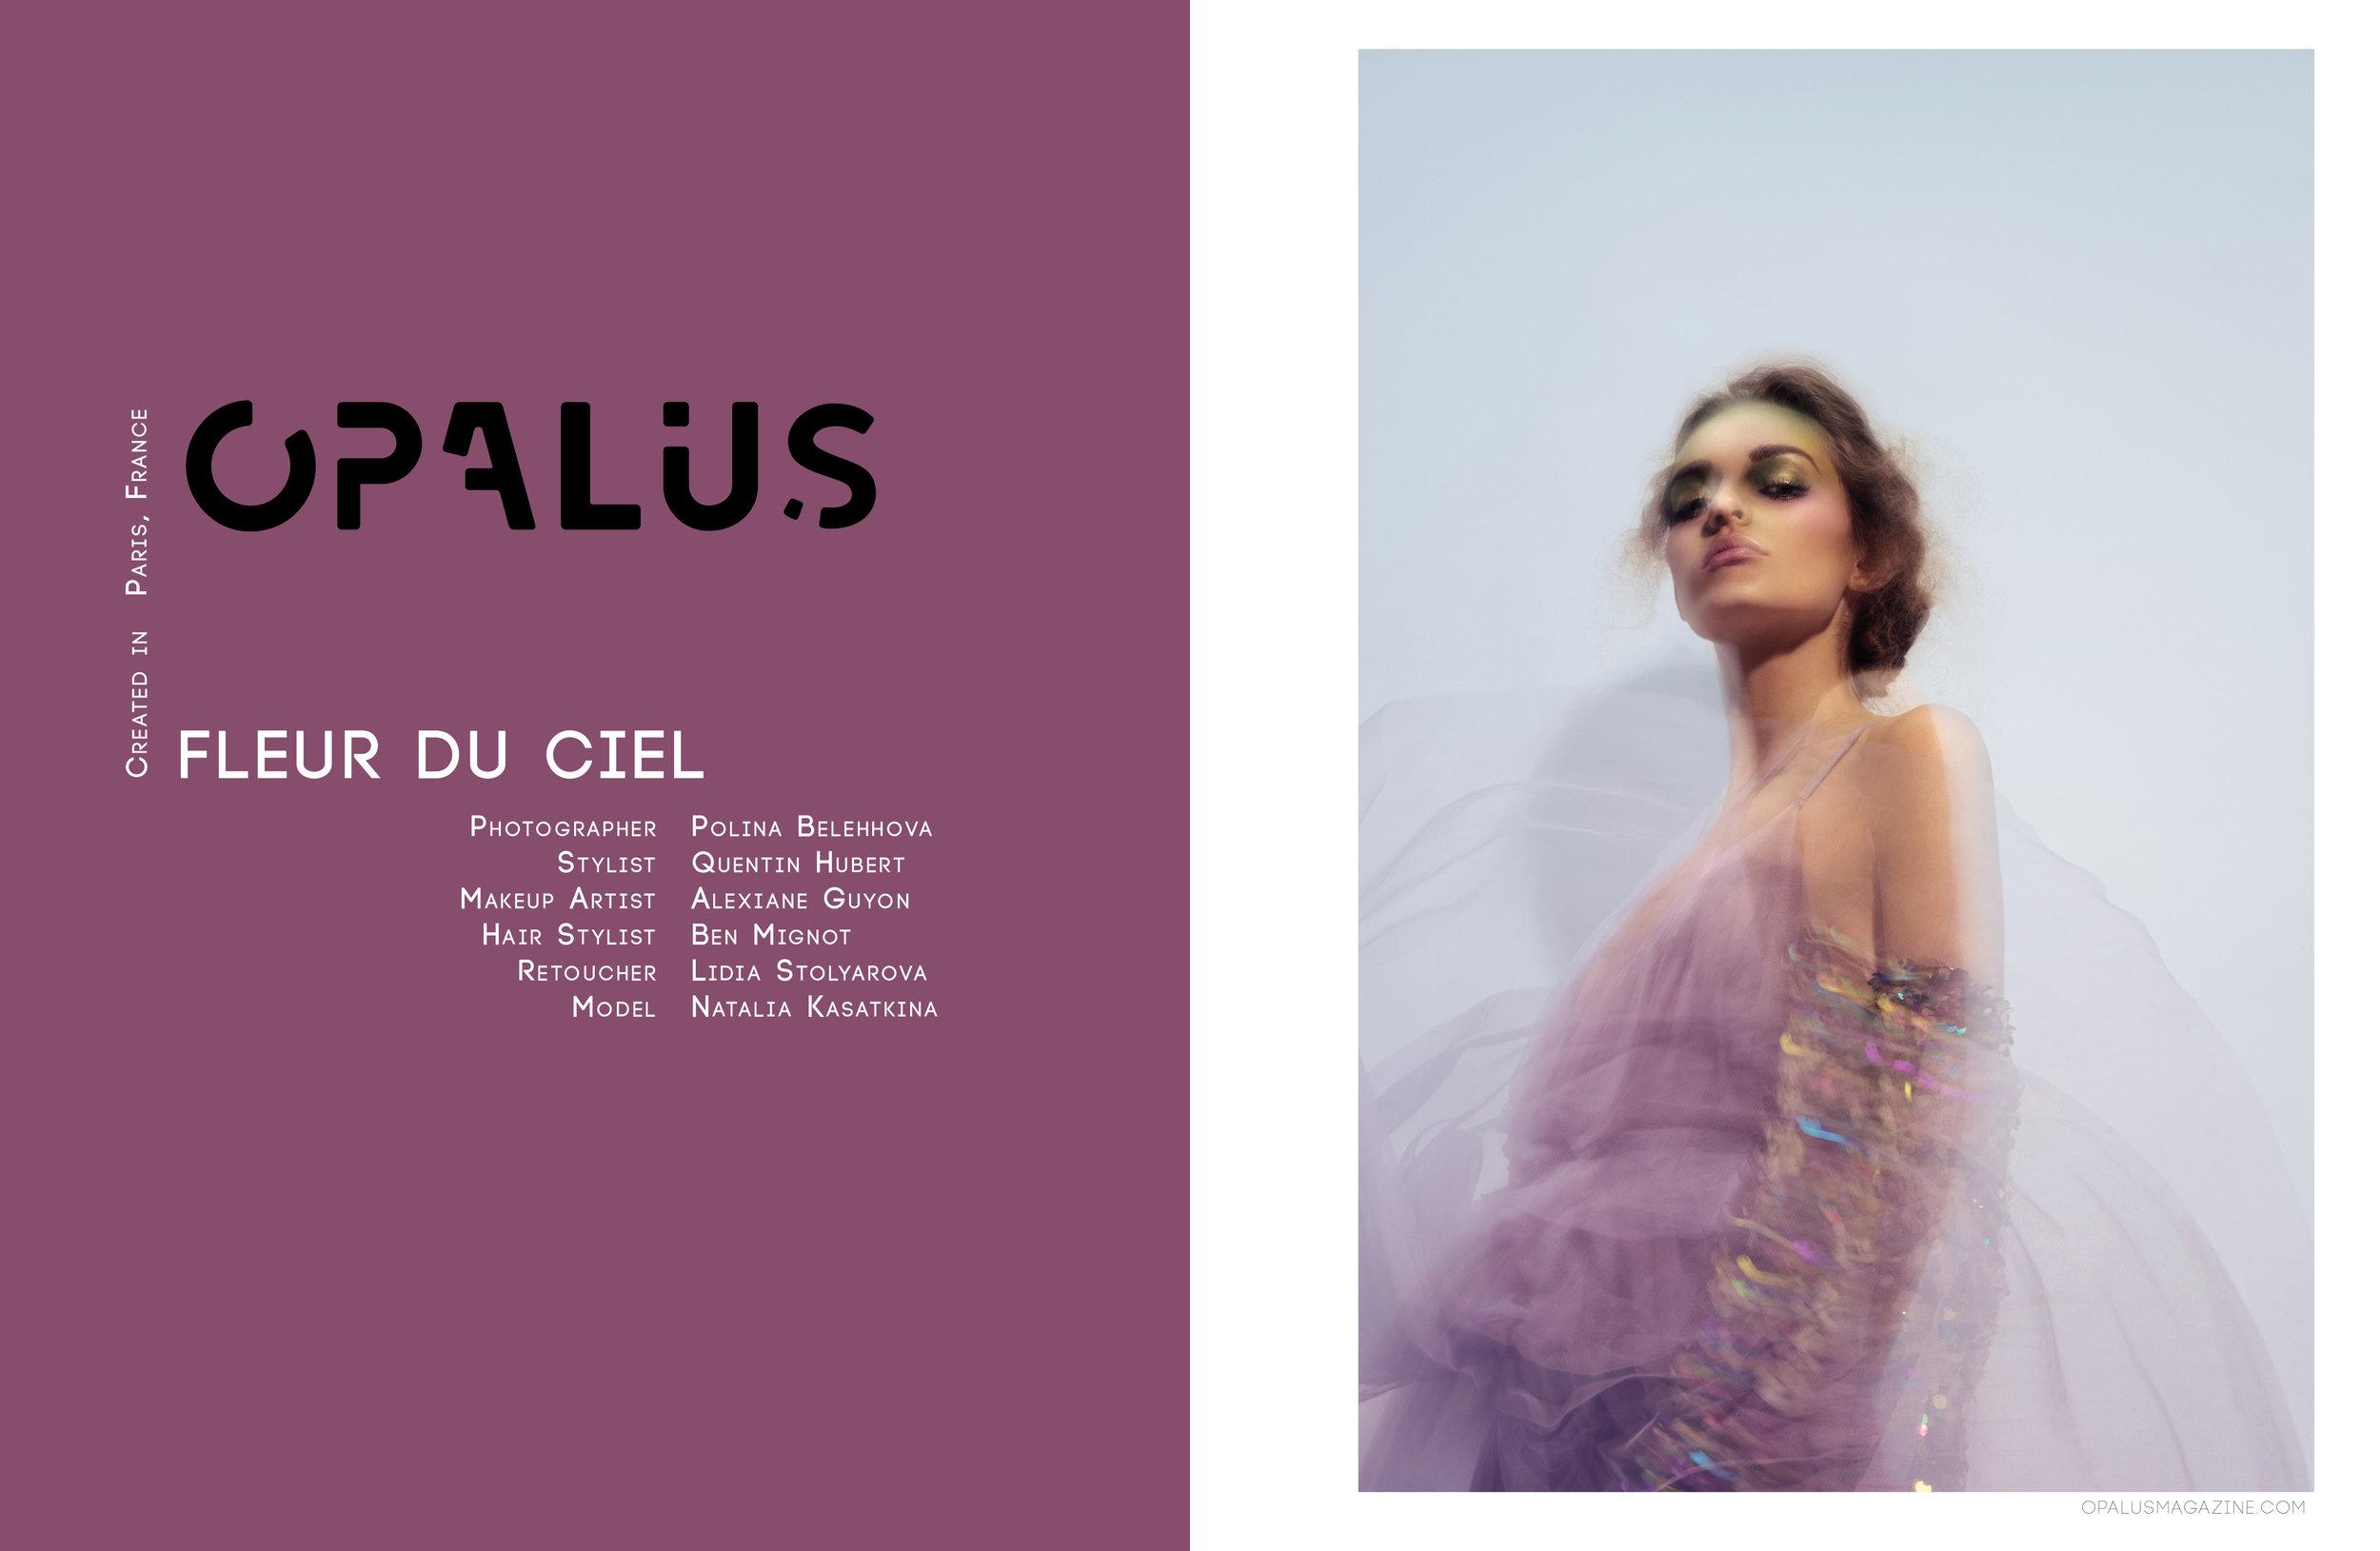 polina_opalusmagazine_web-7.jpg